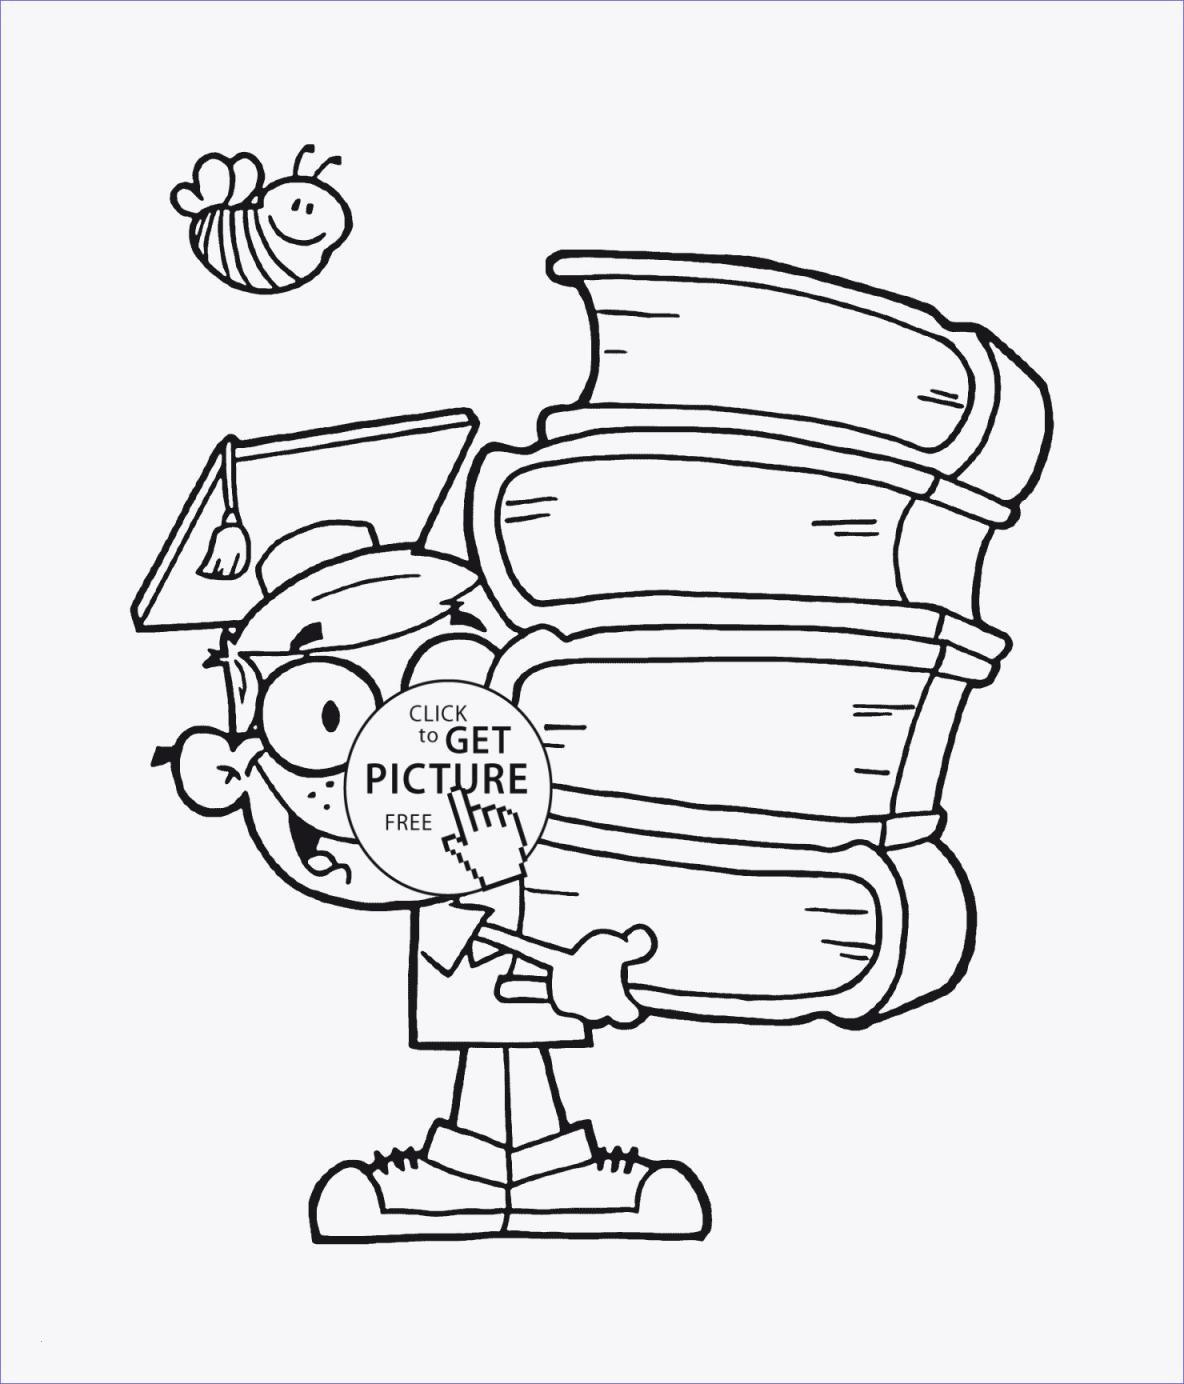 Ausmalbild Zoes Zauberschrank Neu Malvorlagen Jake Frisch Jake Und Nimmerland Piraten – Malvorlagen Bild